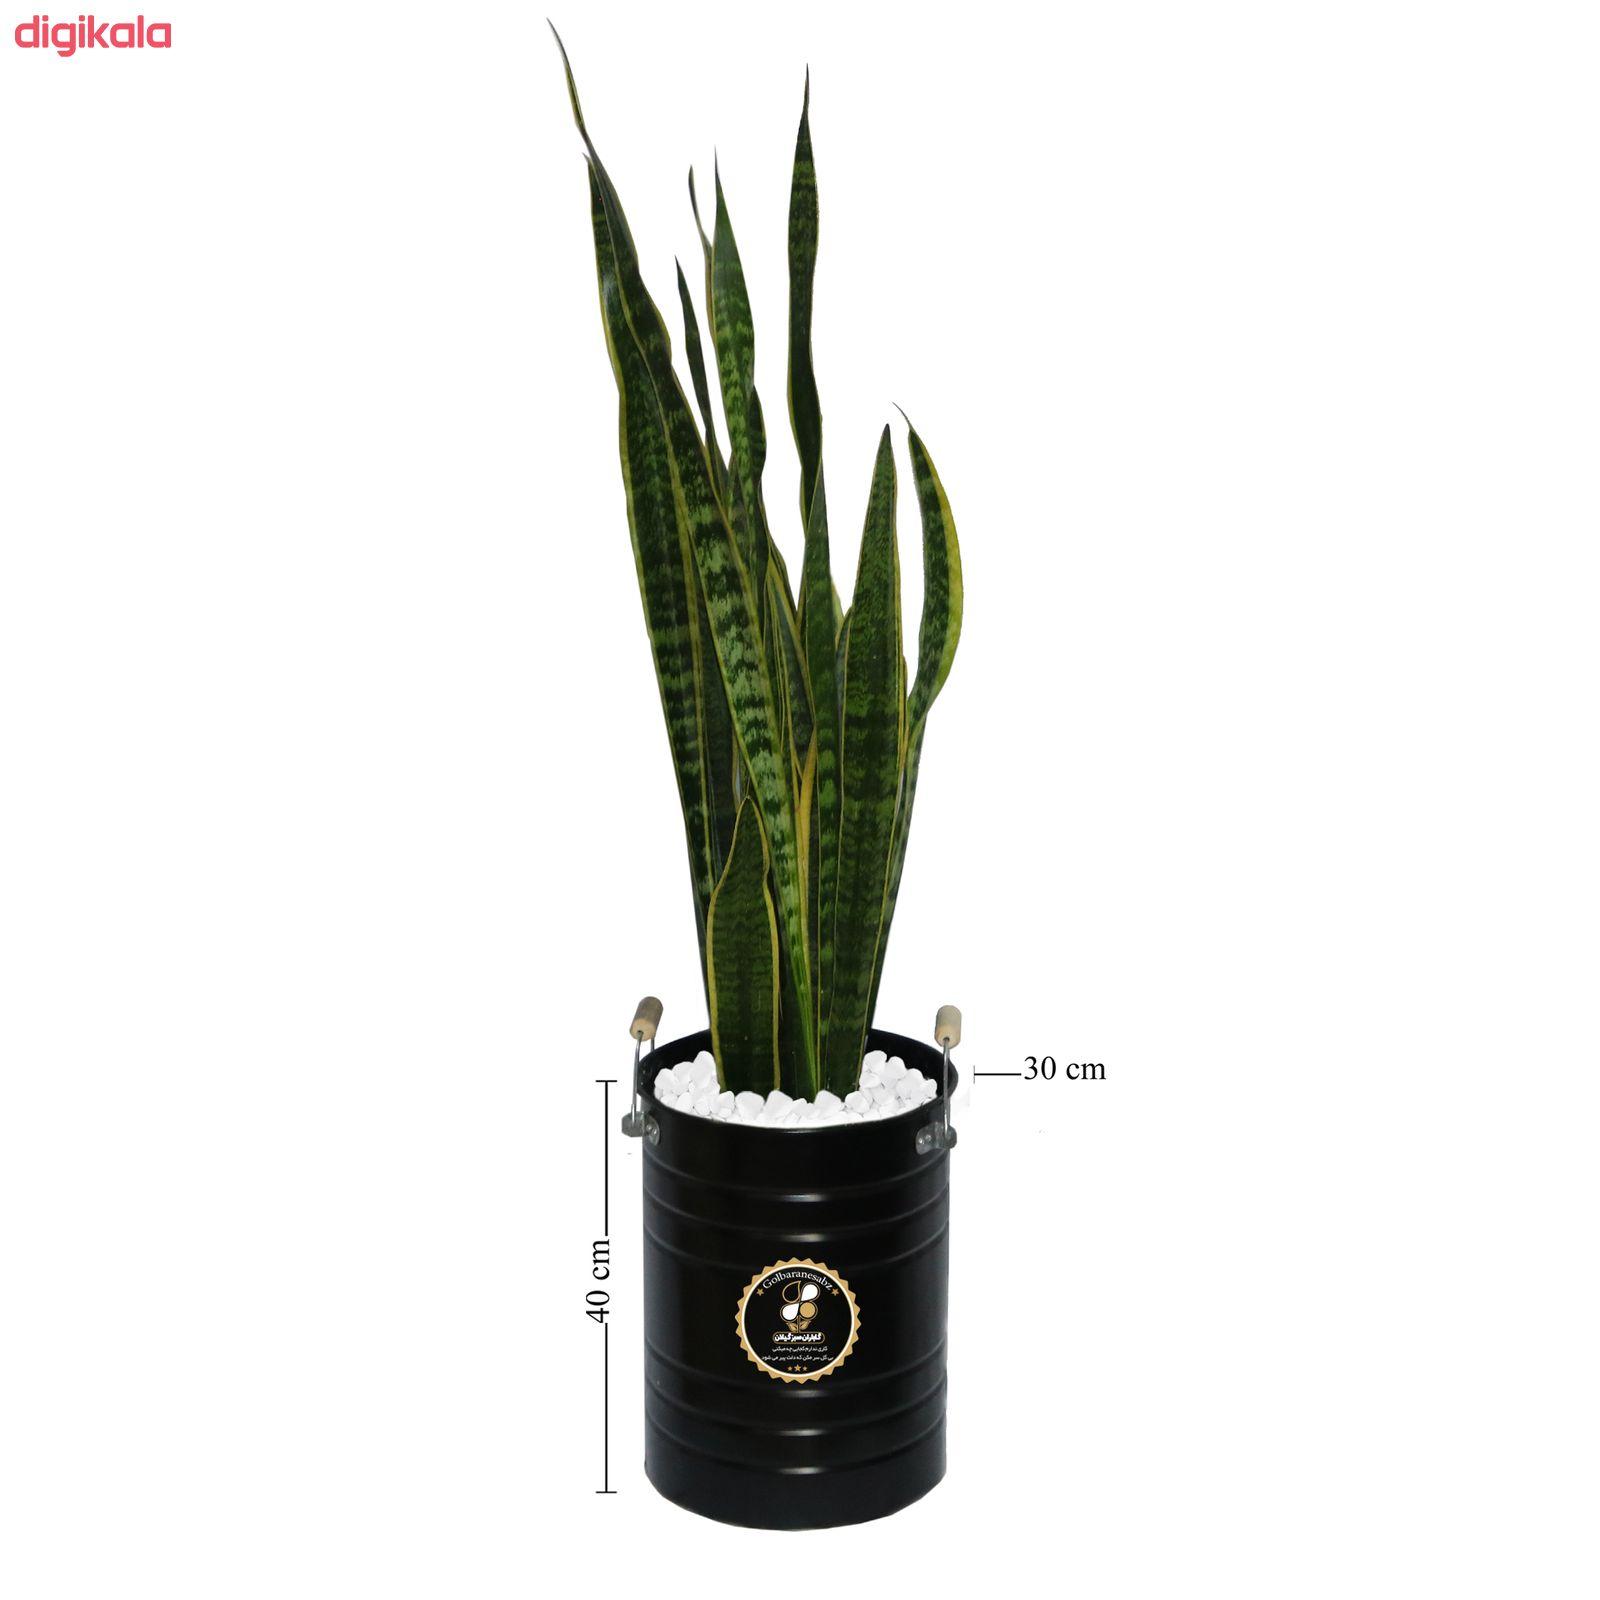 گیاه طبیعی سانسوریا شمشیری گلباران سبز گیلان مدل GN13-26MXL main 1 1